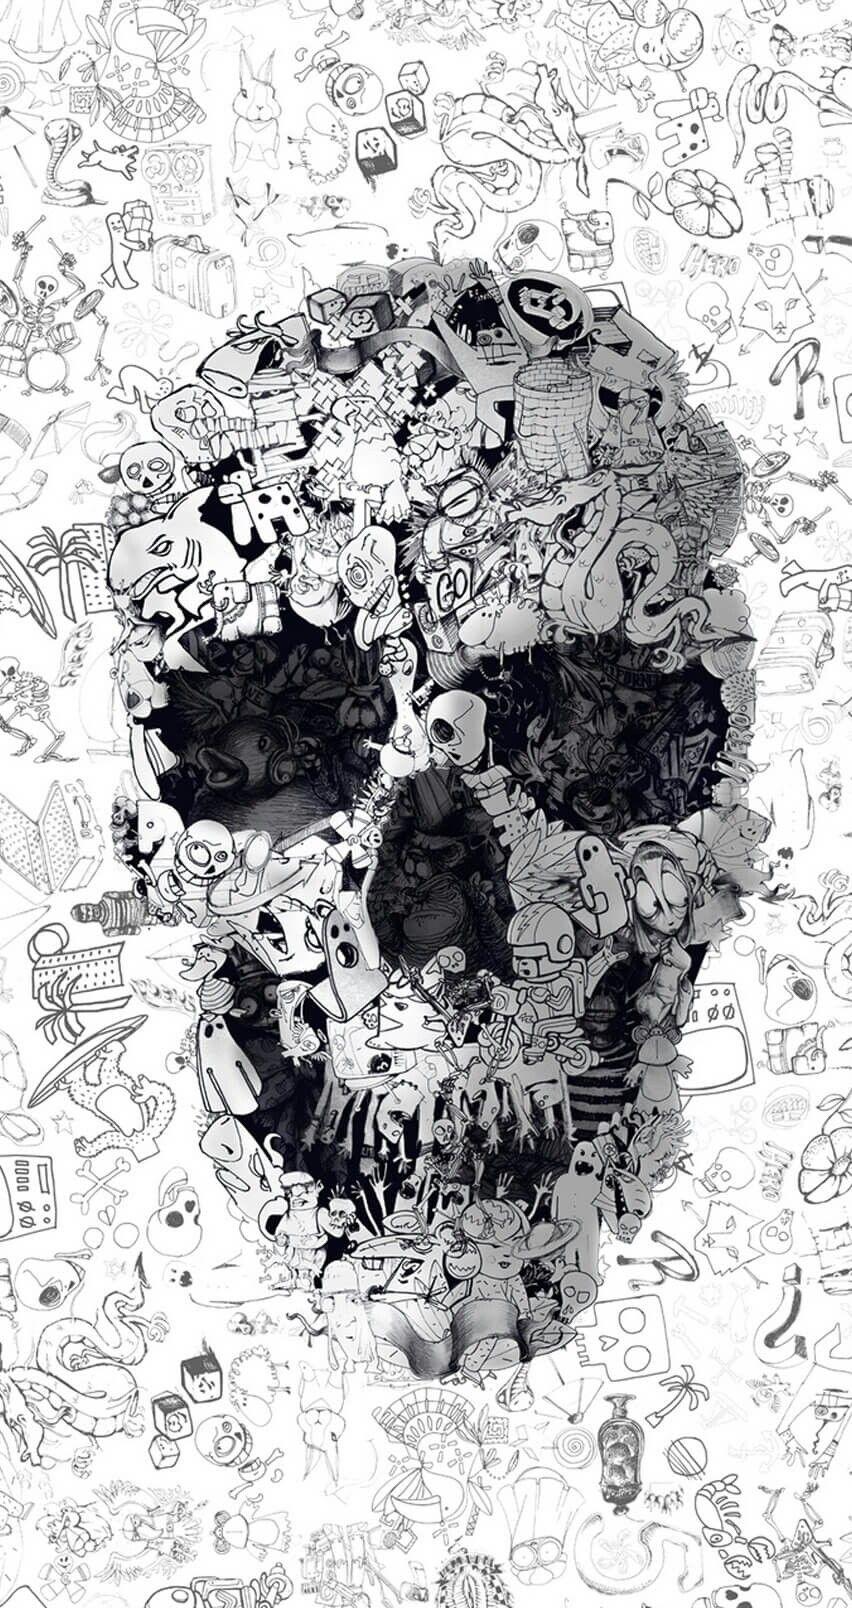 Ultimate Skull Skull Wallpaper Graffiti Wallpaper Wallpaper Doodle